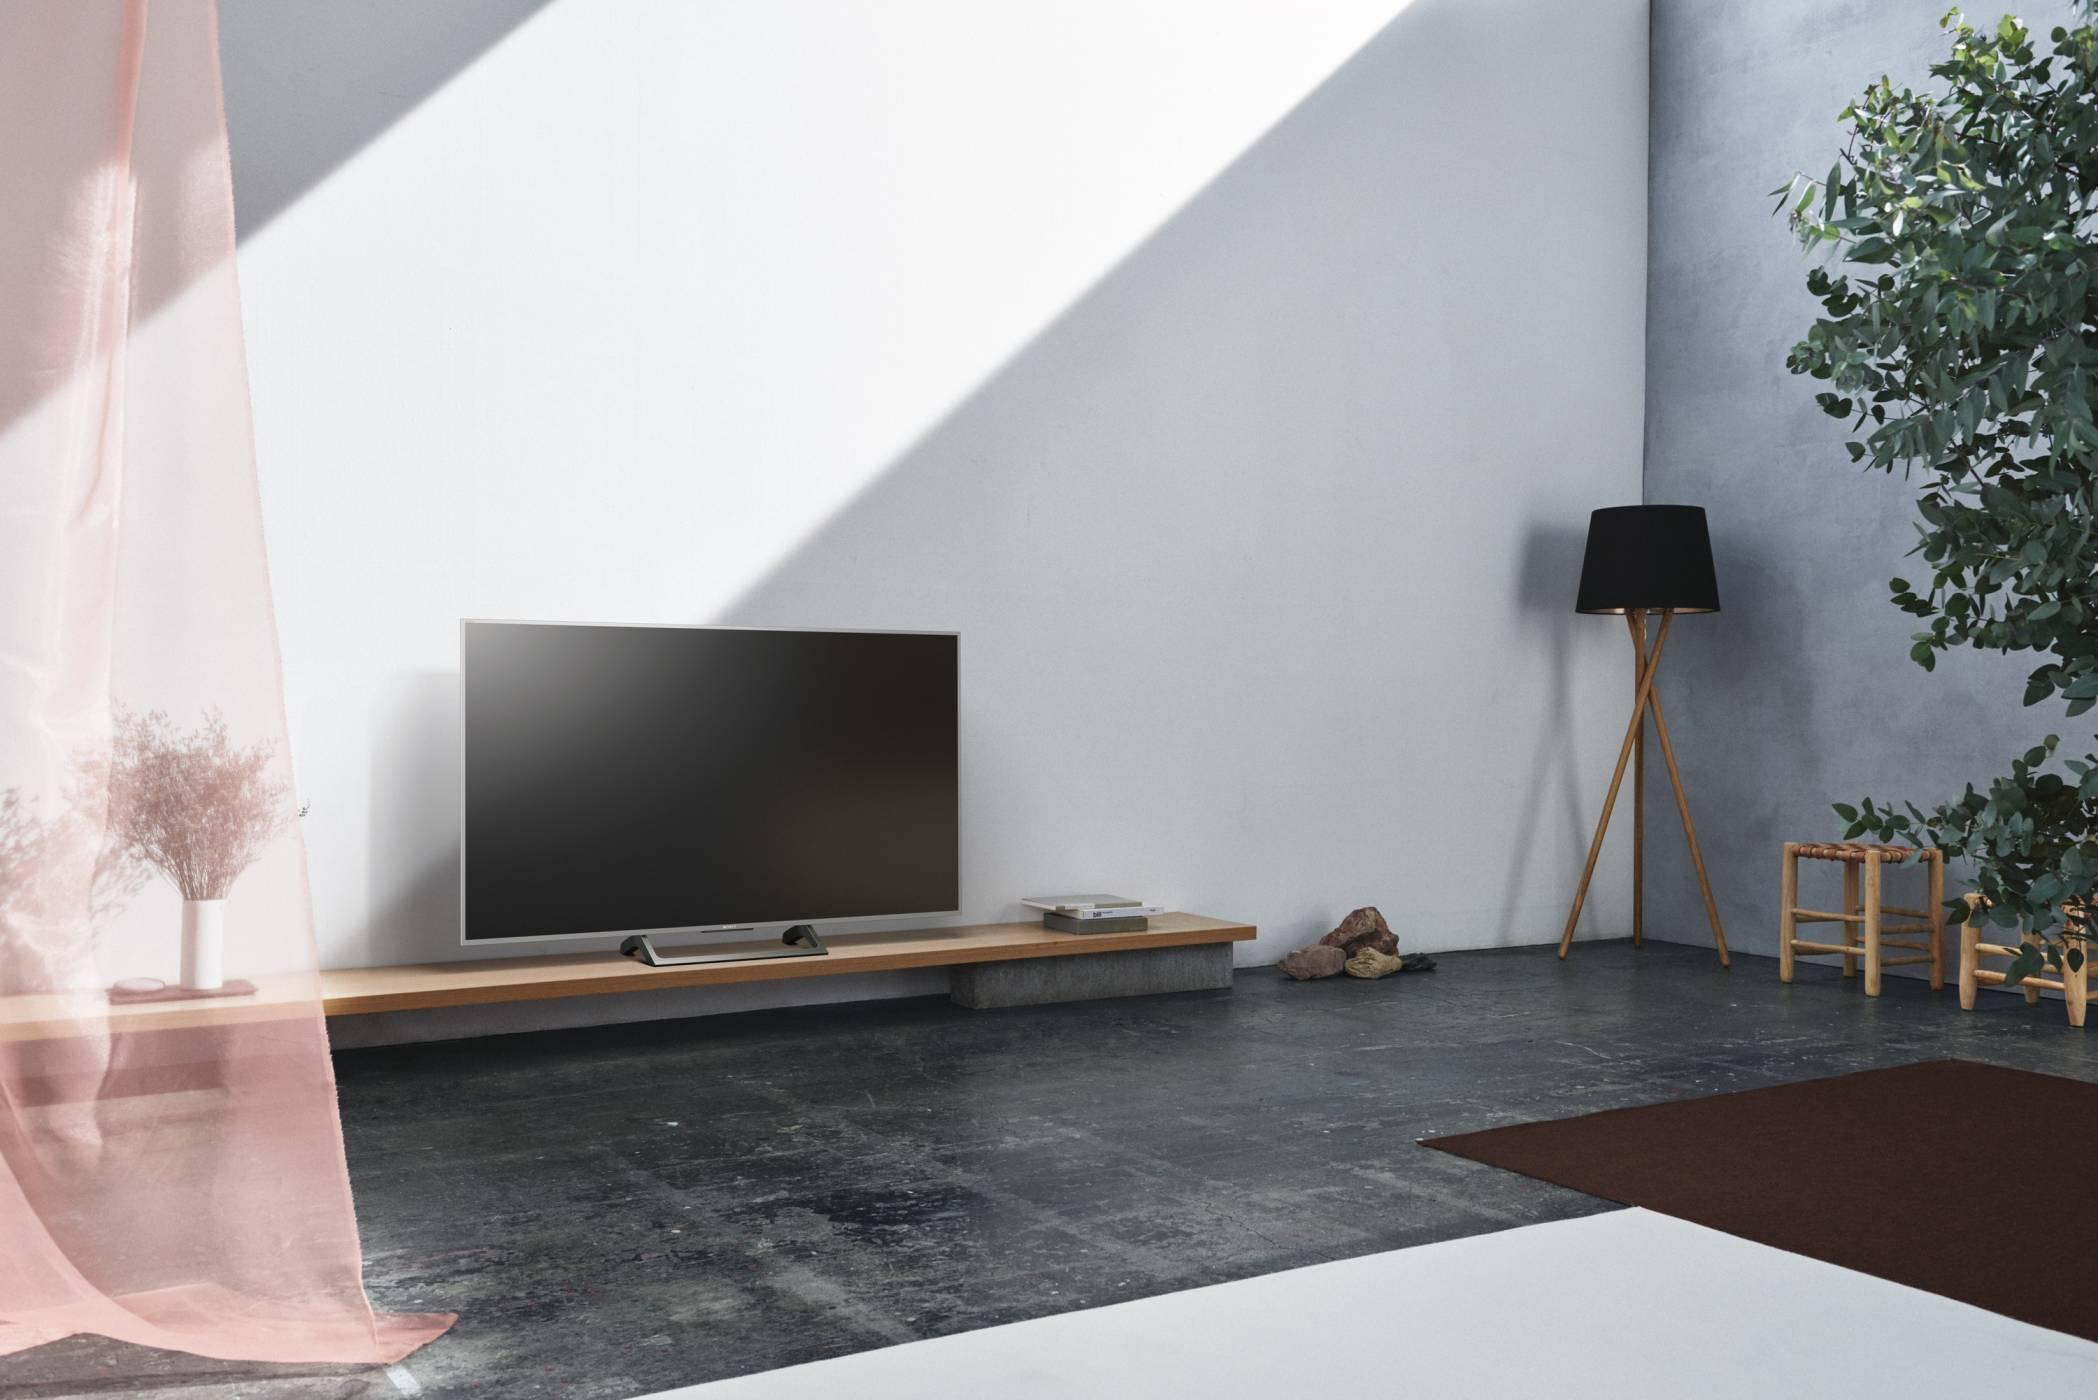 Серията телевизори ХЕ70 на Sony е отлична стъпка към 4К HDR образа